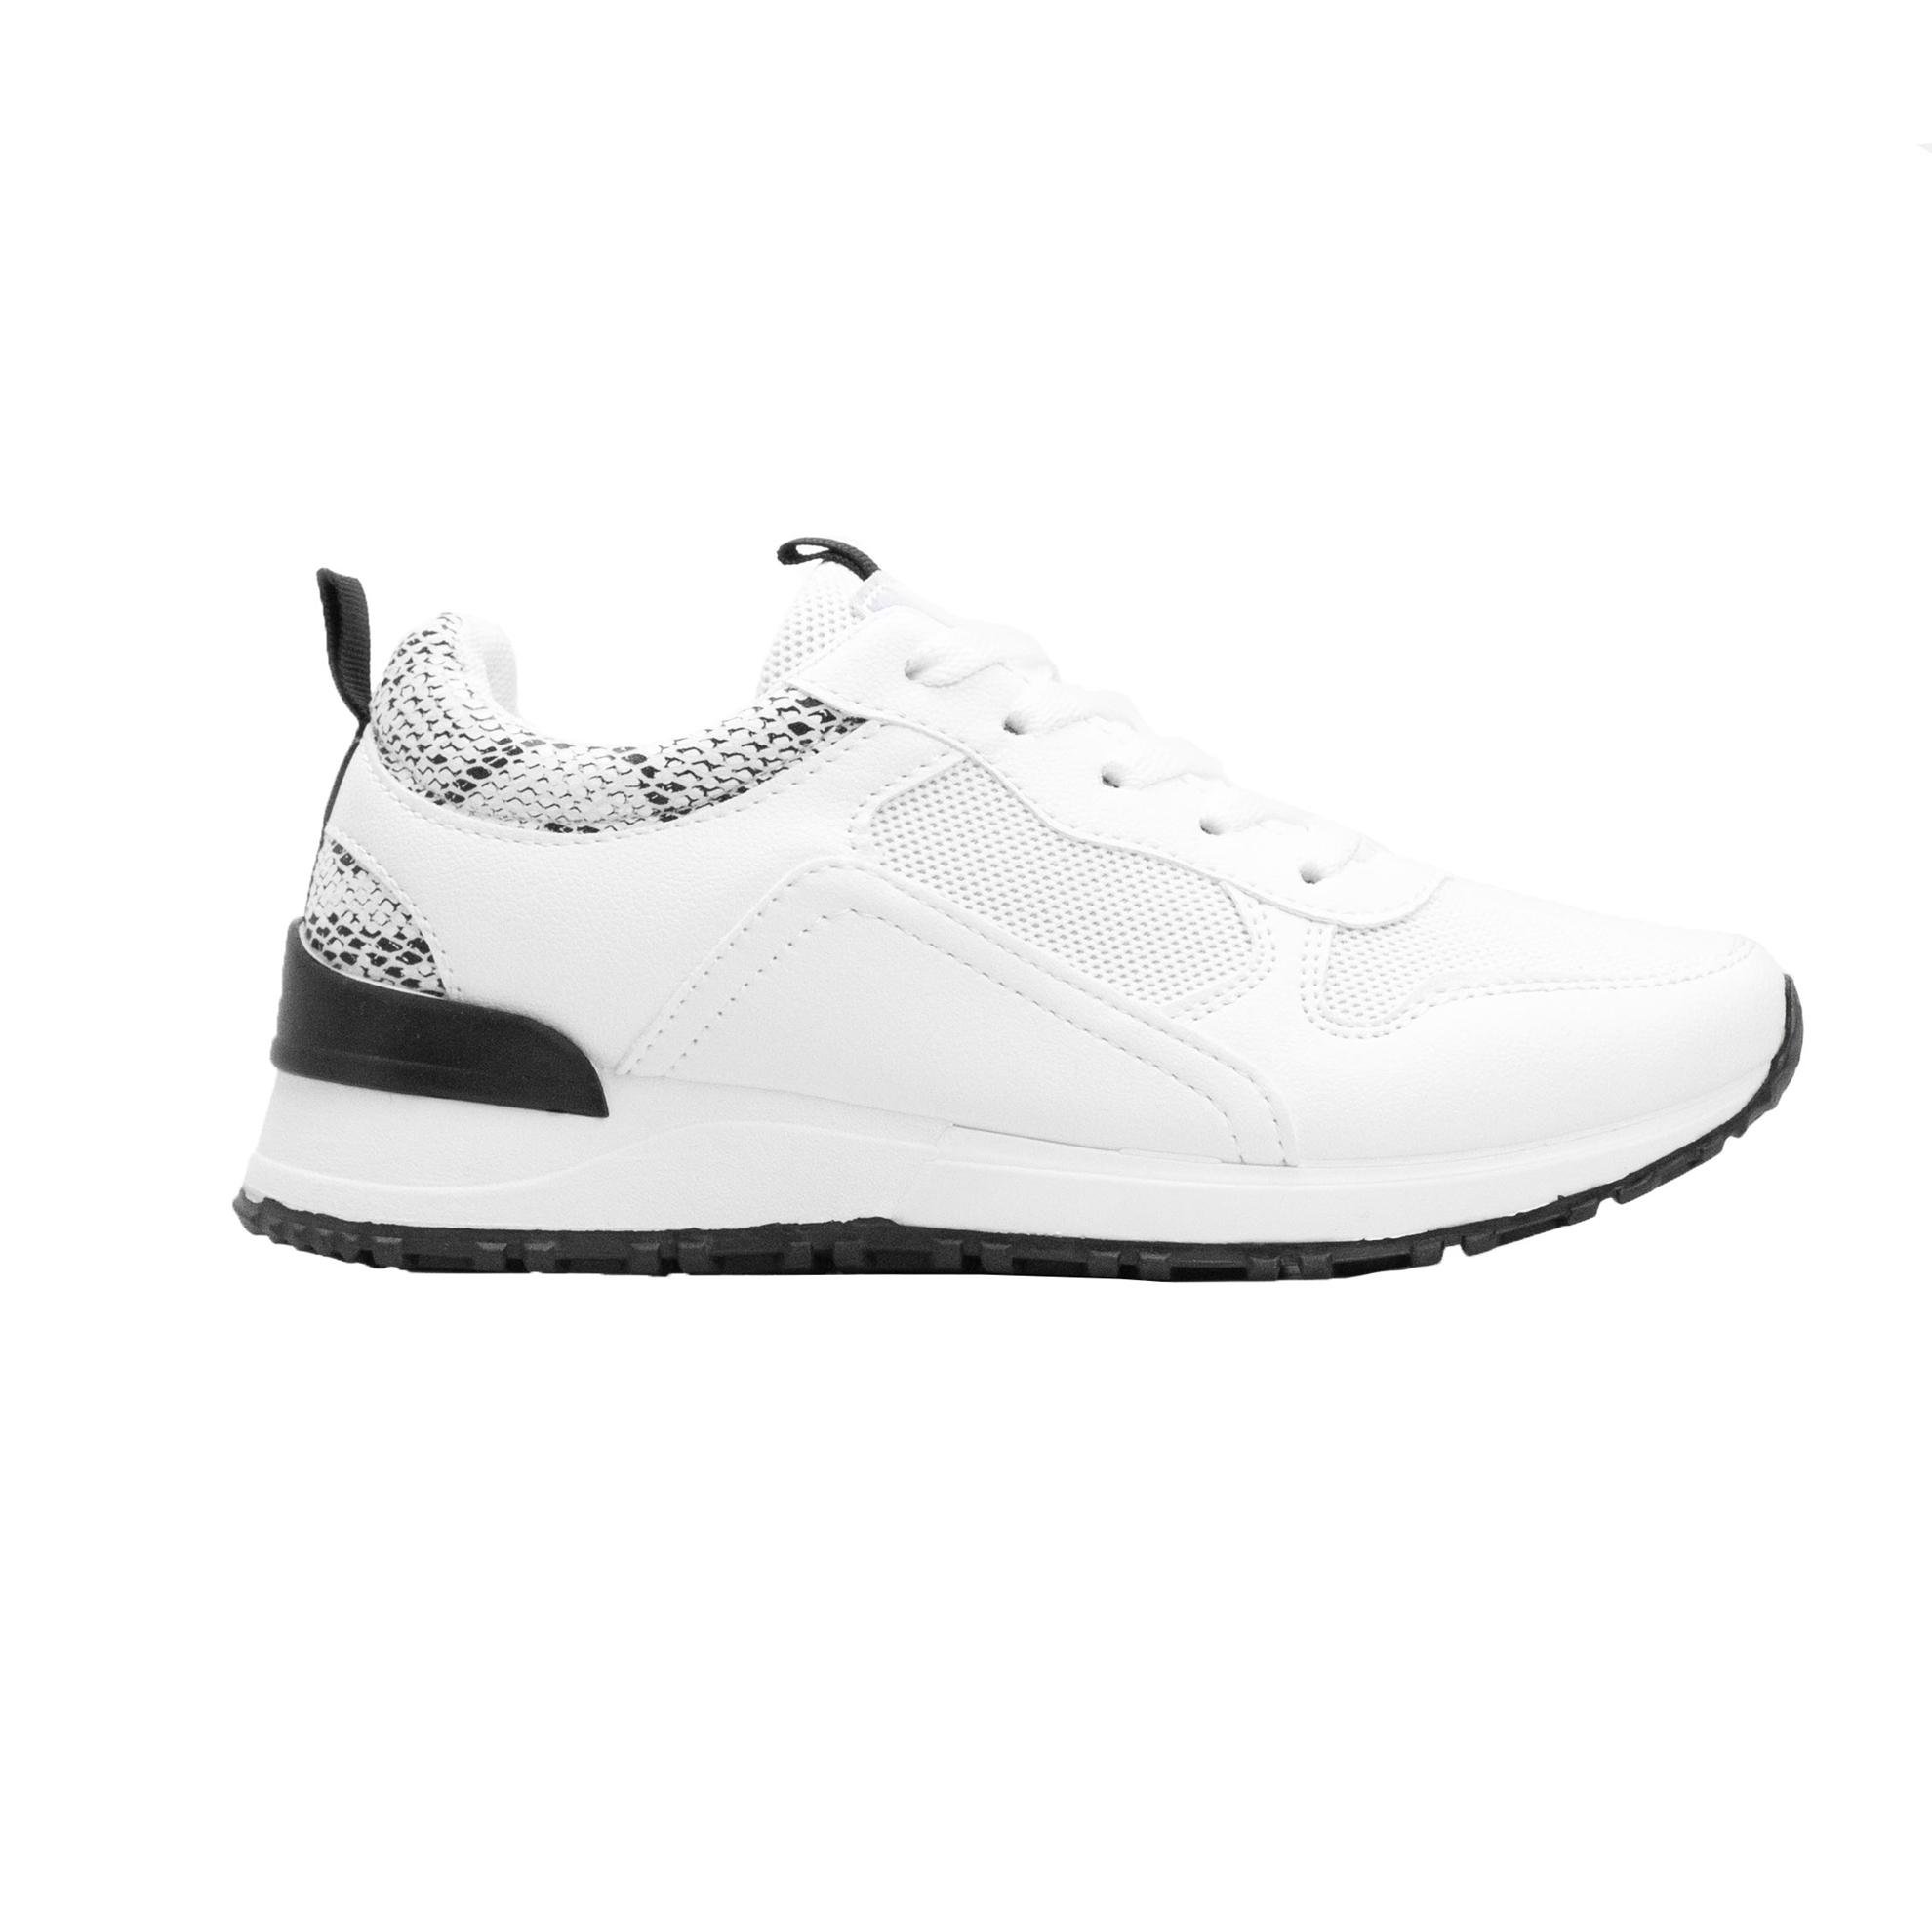 Γυναικεία sneakers με δίχρωμο σχέδιο Λευκό